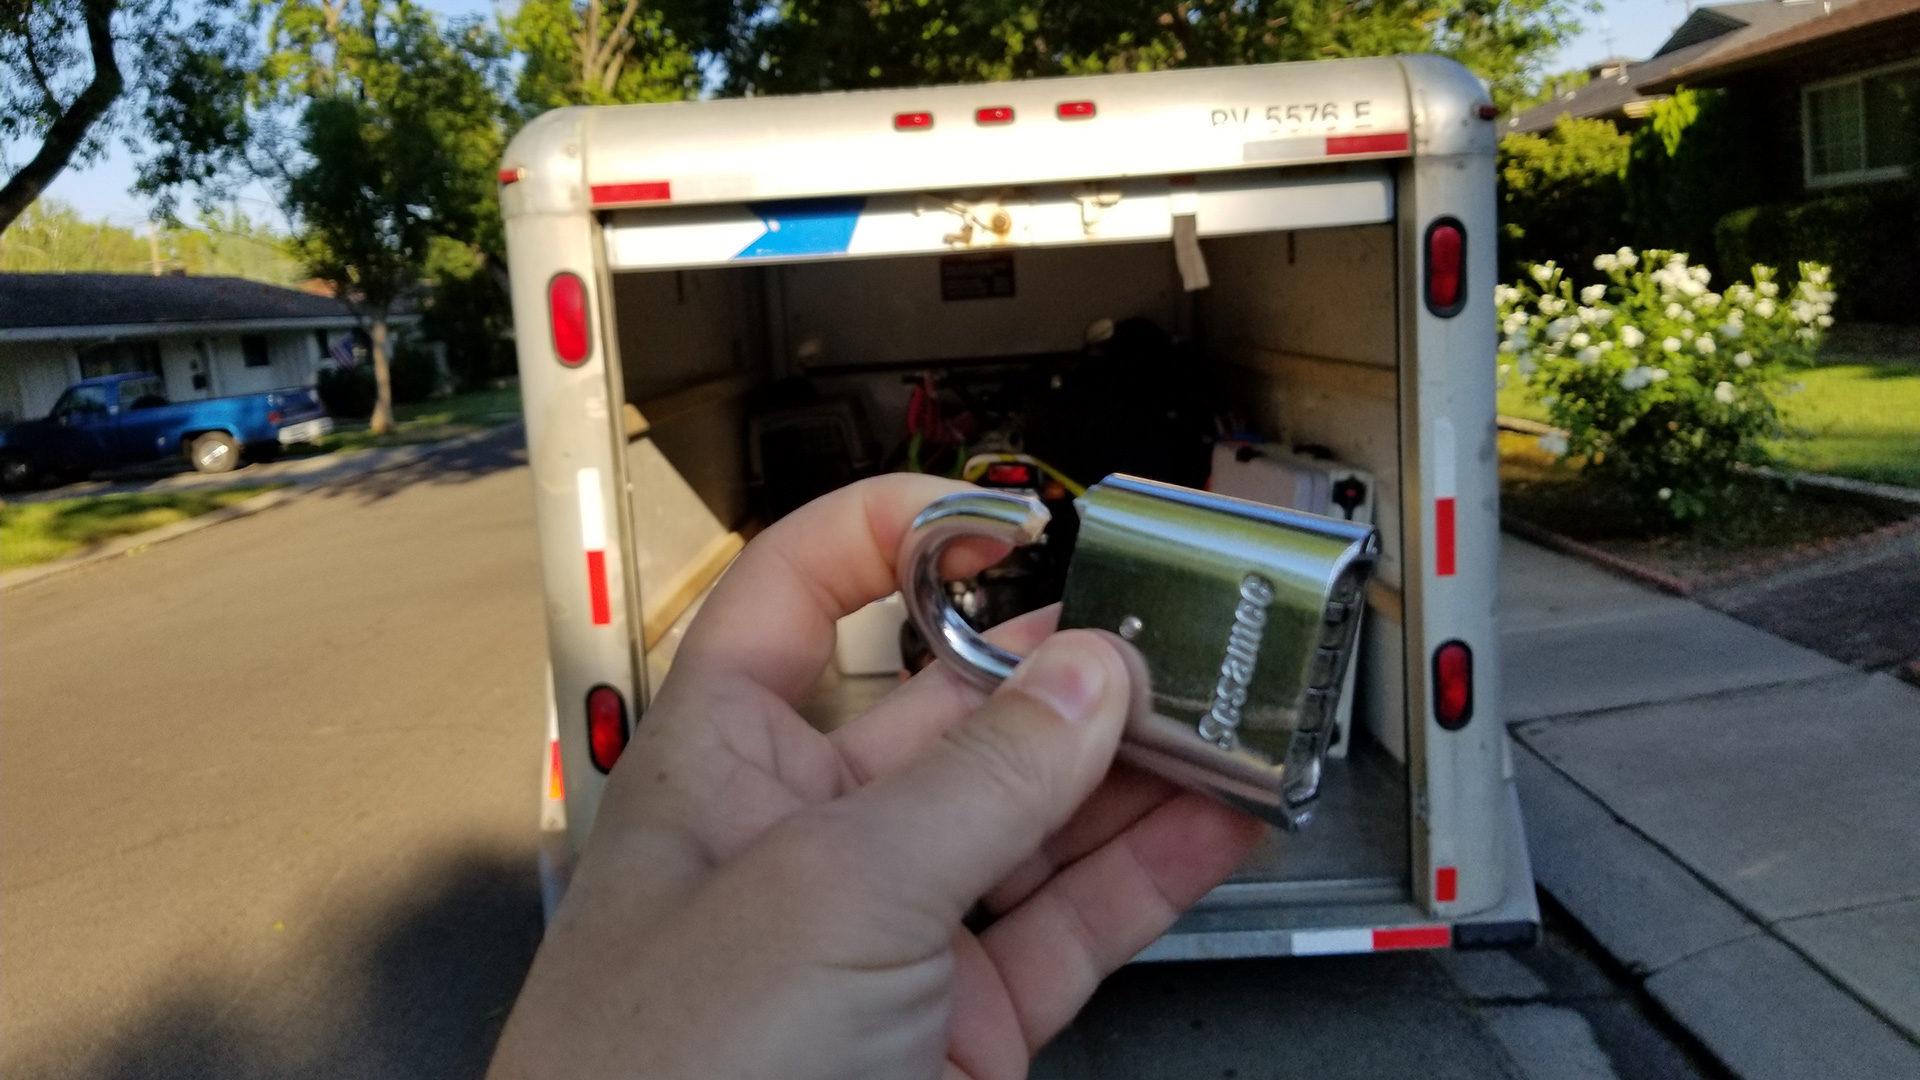 Our-Camping-Stuff-Got-Stolen